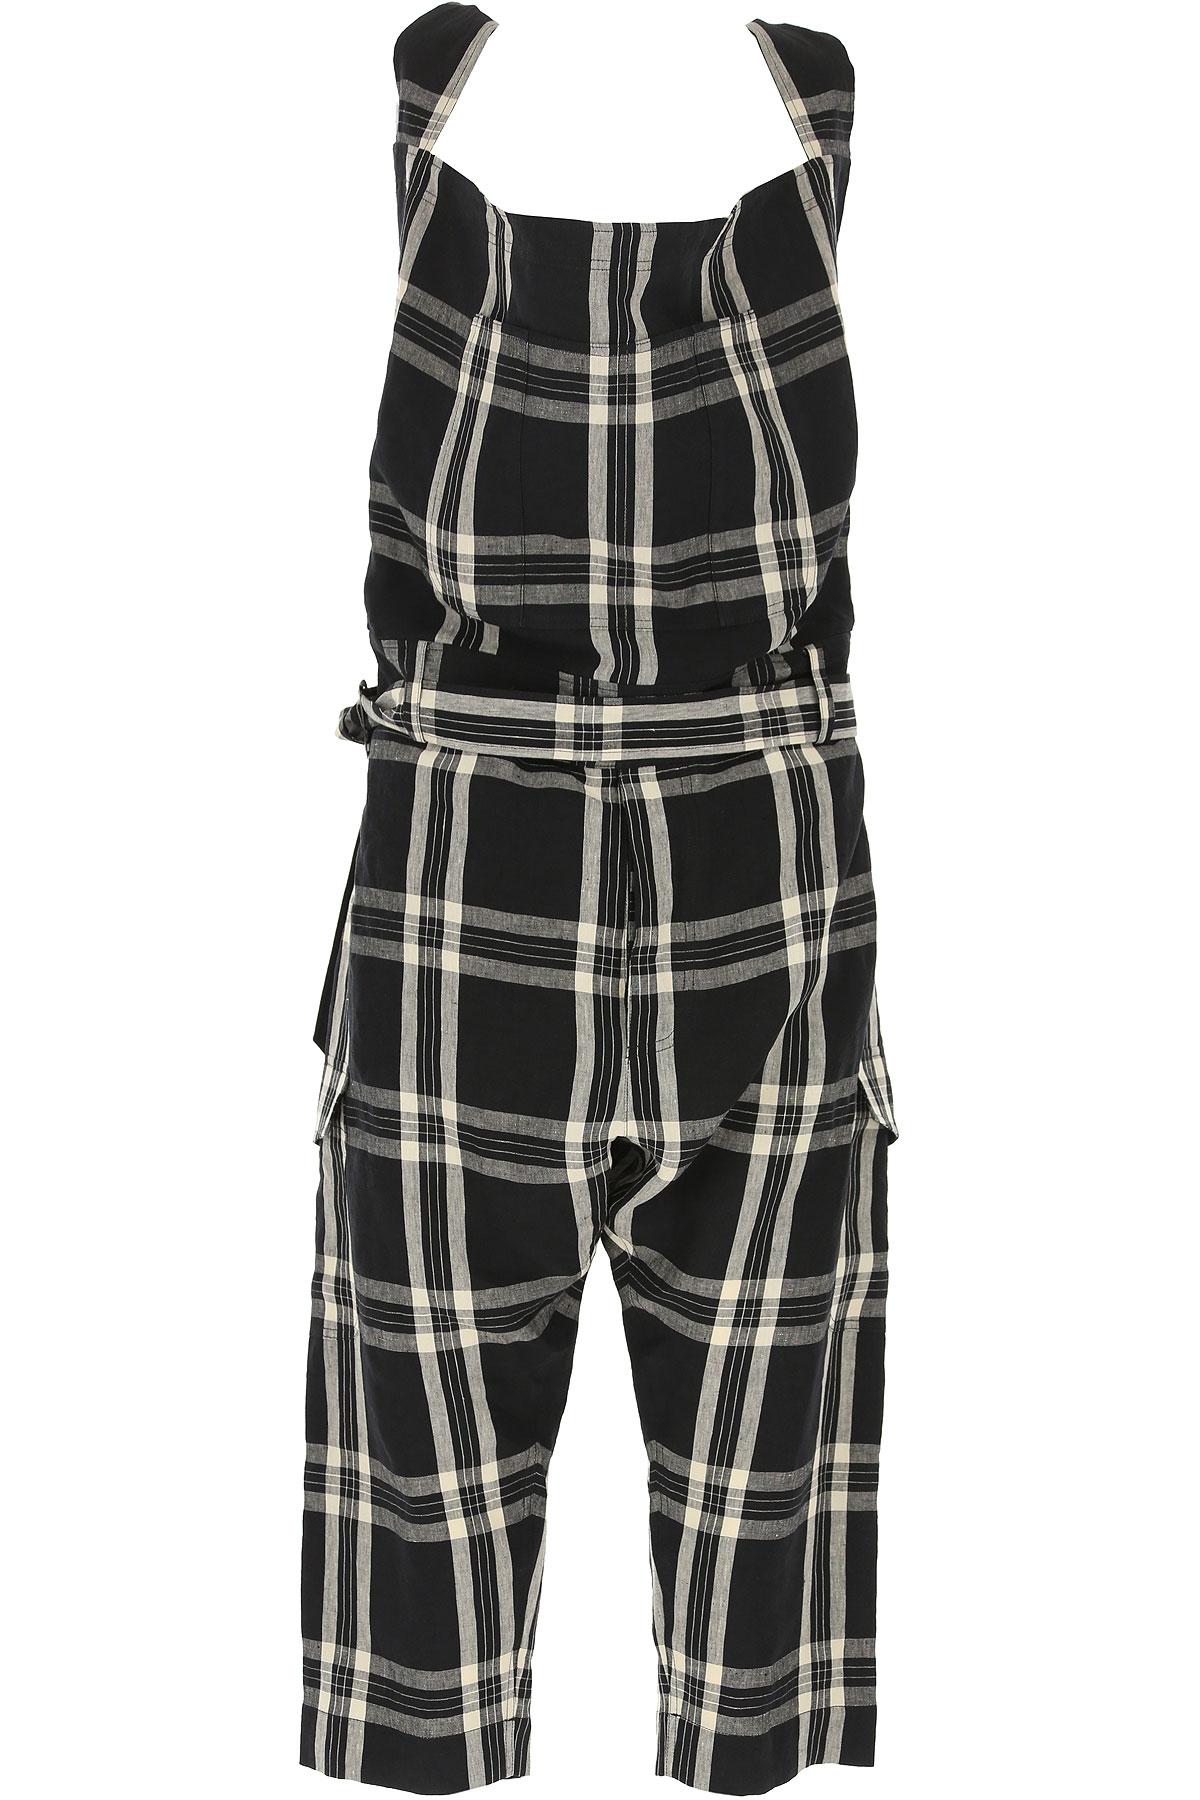 Vivienne Westwood Pantalon Homme Pas Cher En Soldes, Coton, Coton, 2019, M XL